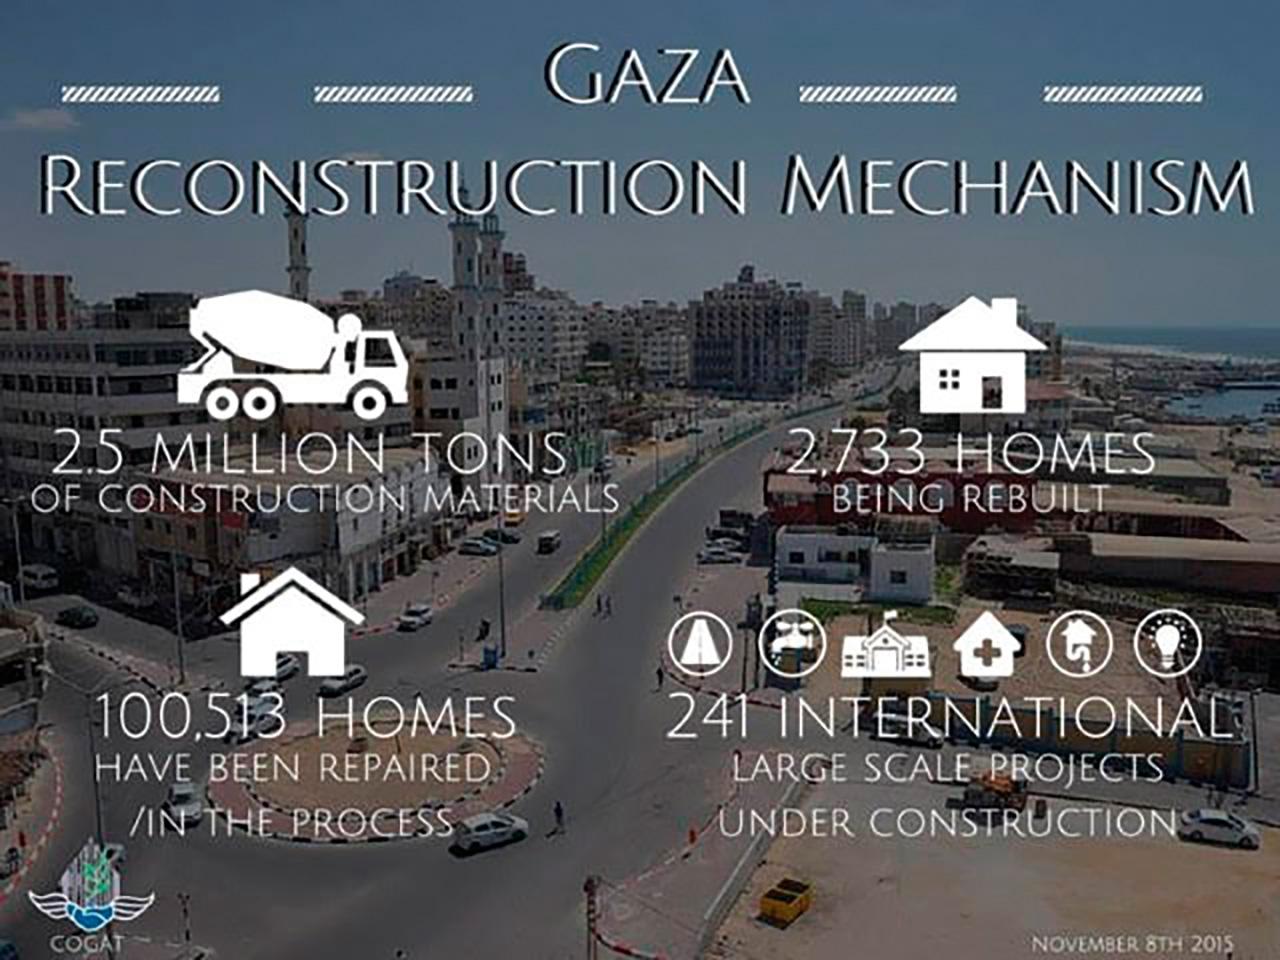 """Israelin toimittama apu Gazaan """"Gazan jälleenrakennusmekanismin"""" puitteissa vuosina 2014-2015. Projekti on edelleen käynnissä, ja vuoteen 2017 mennessä mm. rakennusmateriaalia on toimitettu Gazaan jo 6,5 miljoonaa tonnia."""